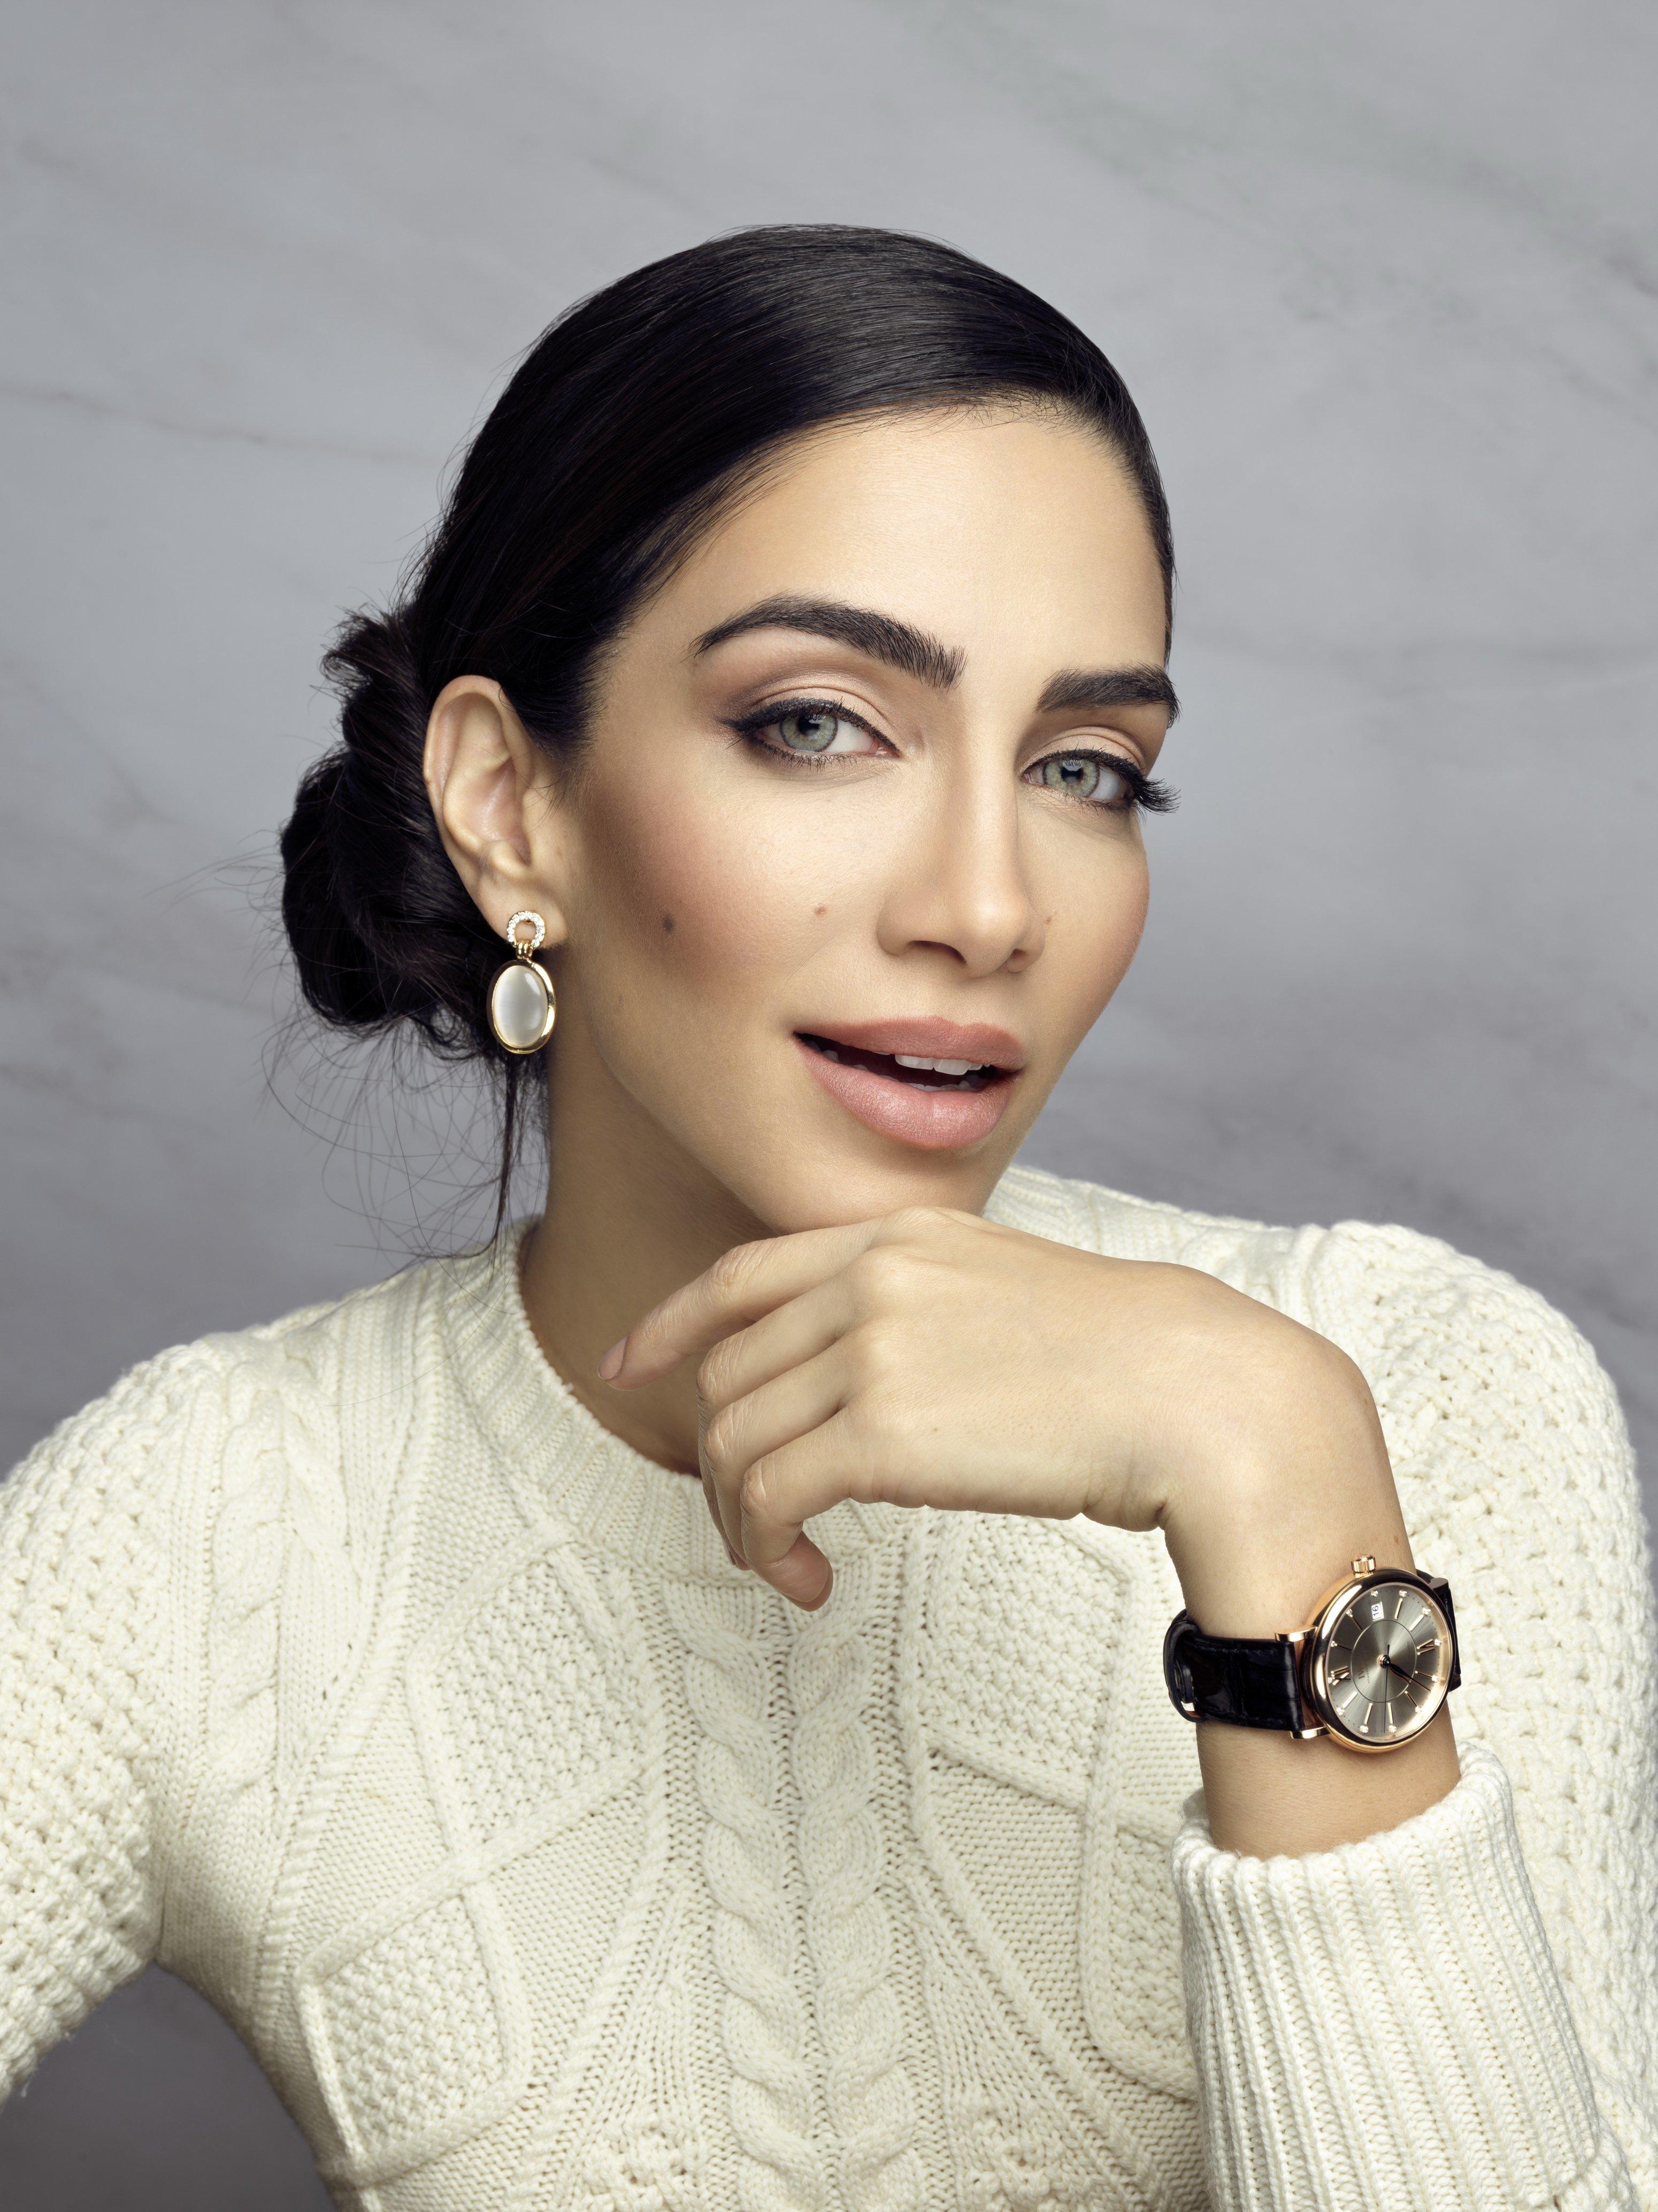 اللبنانية جيسيكا قهواتي سفيرة أي دبليو سي شافهاوزن